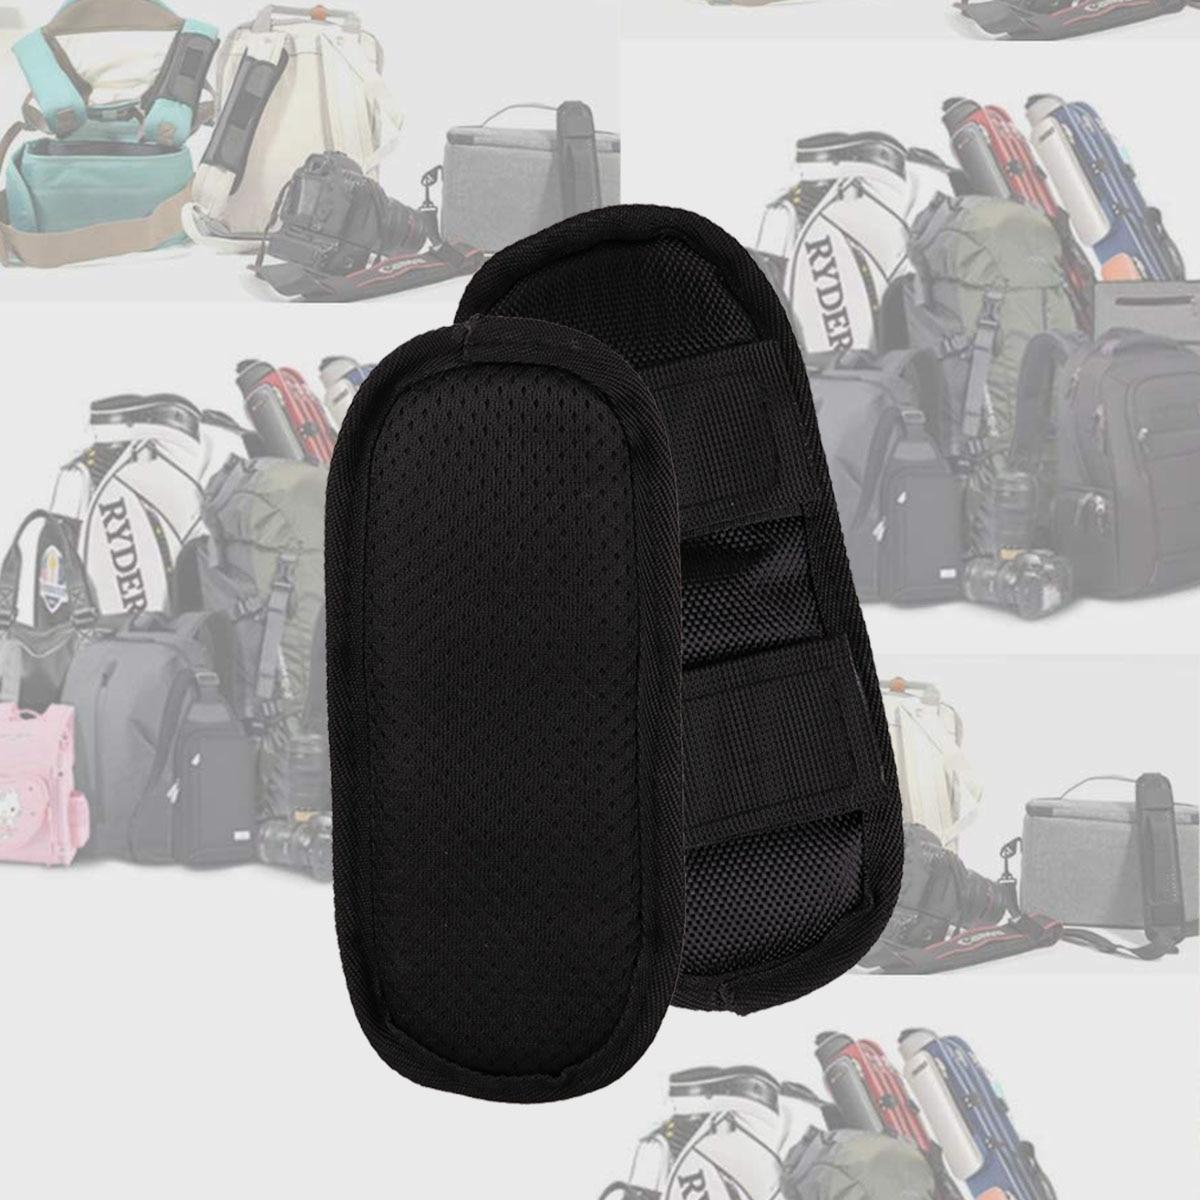 1 пара Черная мягкая прочная оксфордская ткань анти шок не крюк с карабином и петлей крепежа Наплечные колодки демонтировать рюкзаки подушки